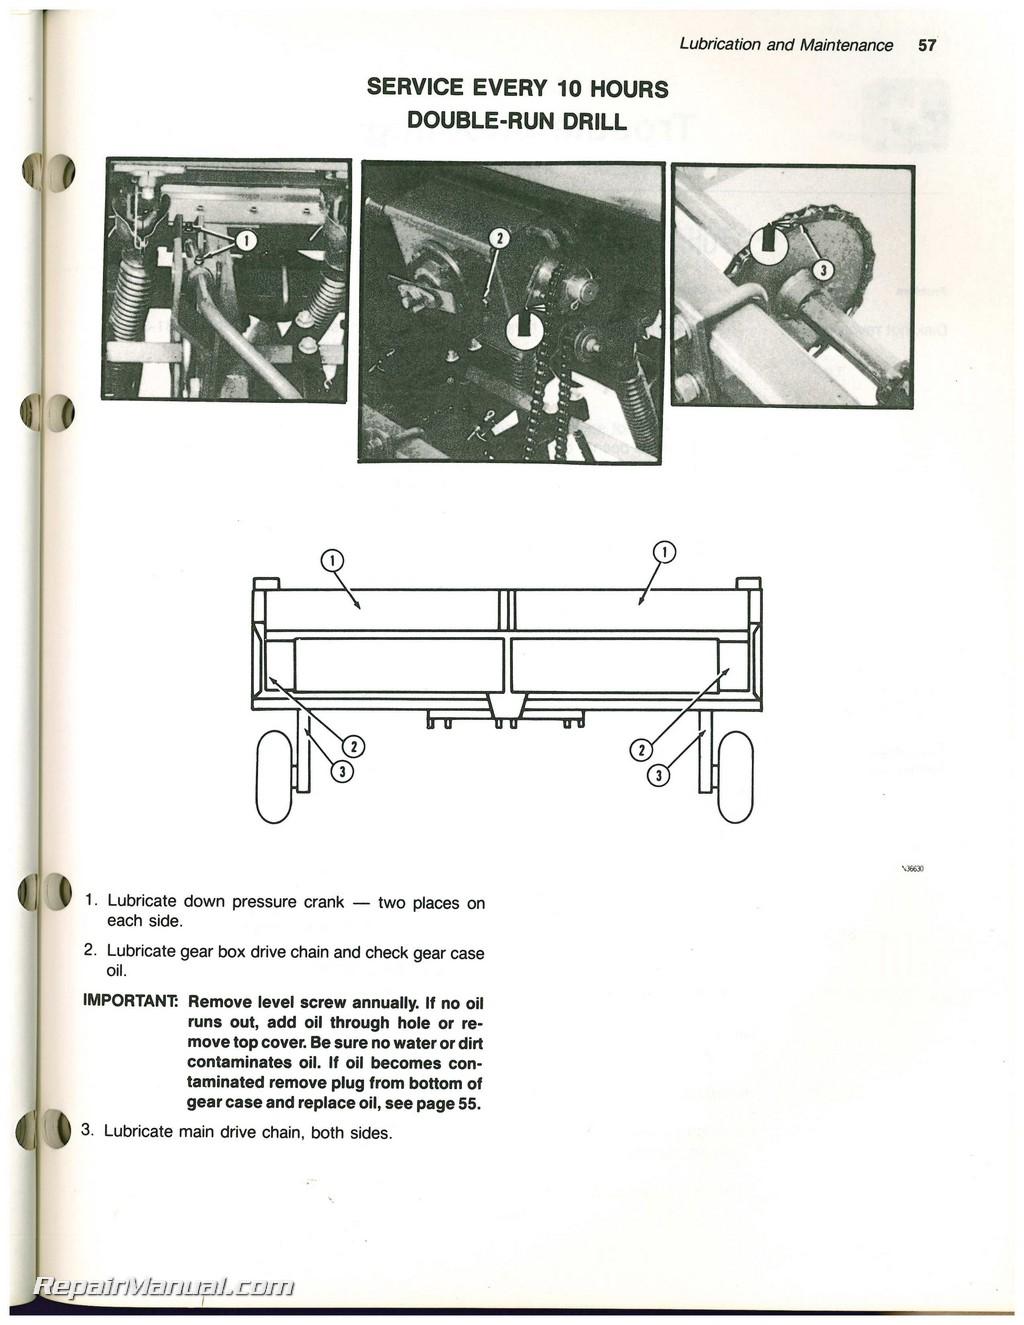 John Deere 515 Integral Grain Drill Operators Manual